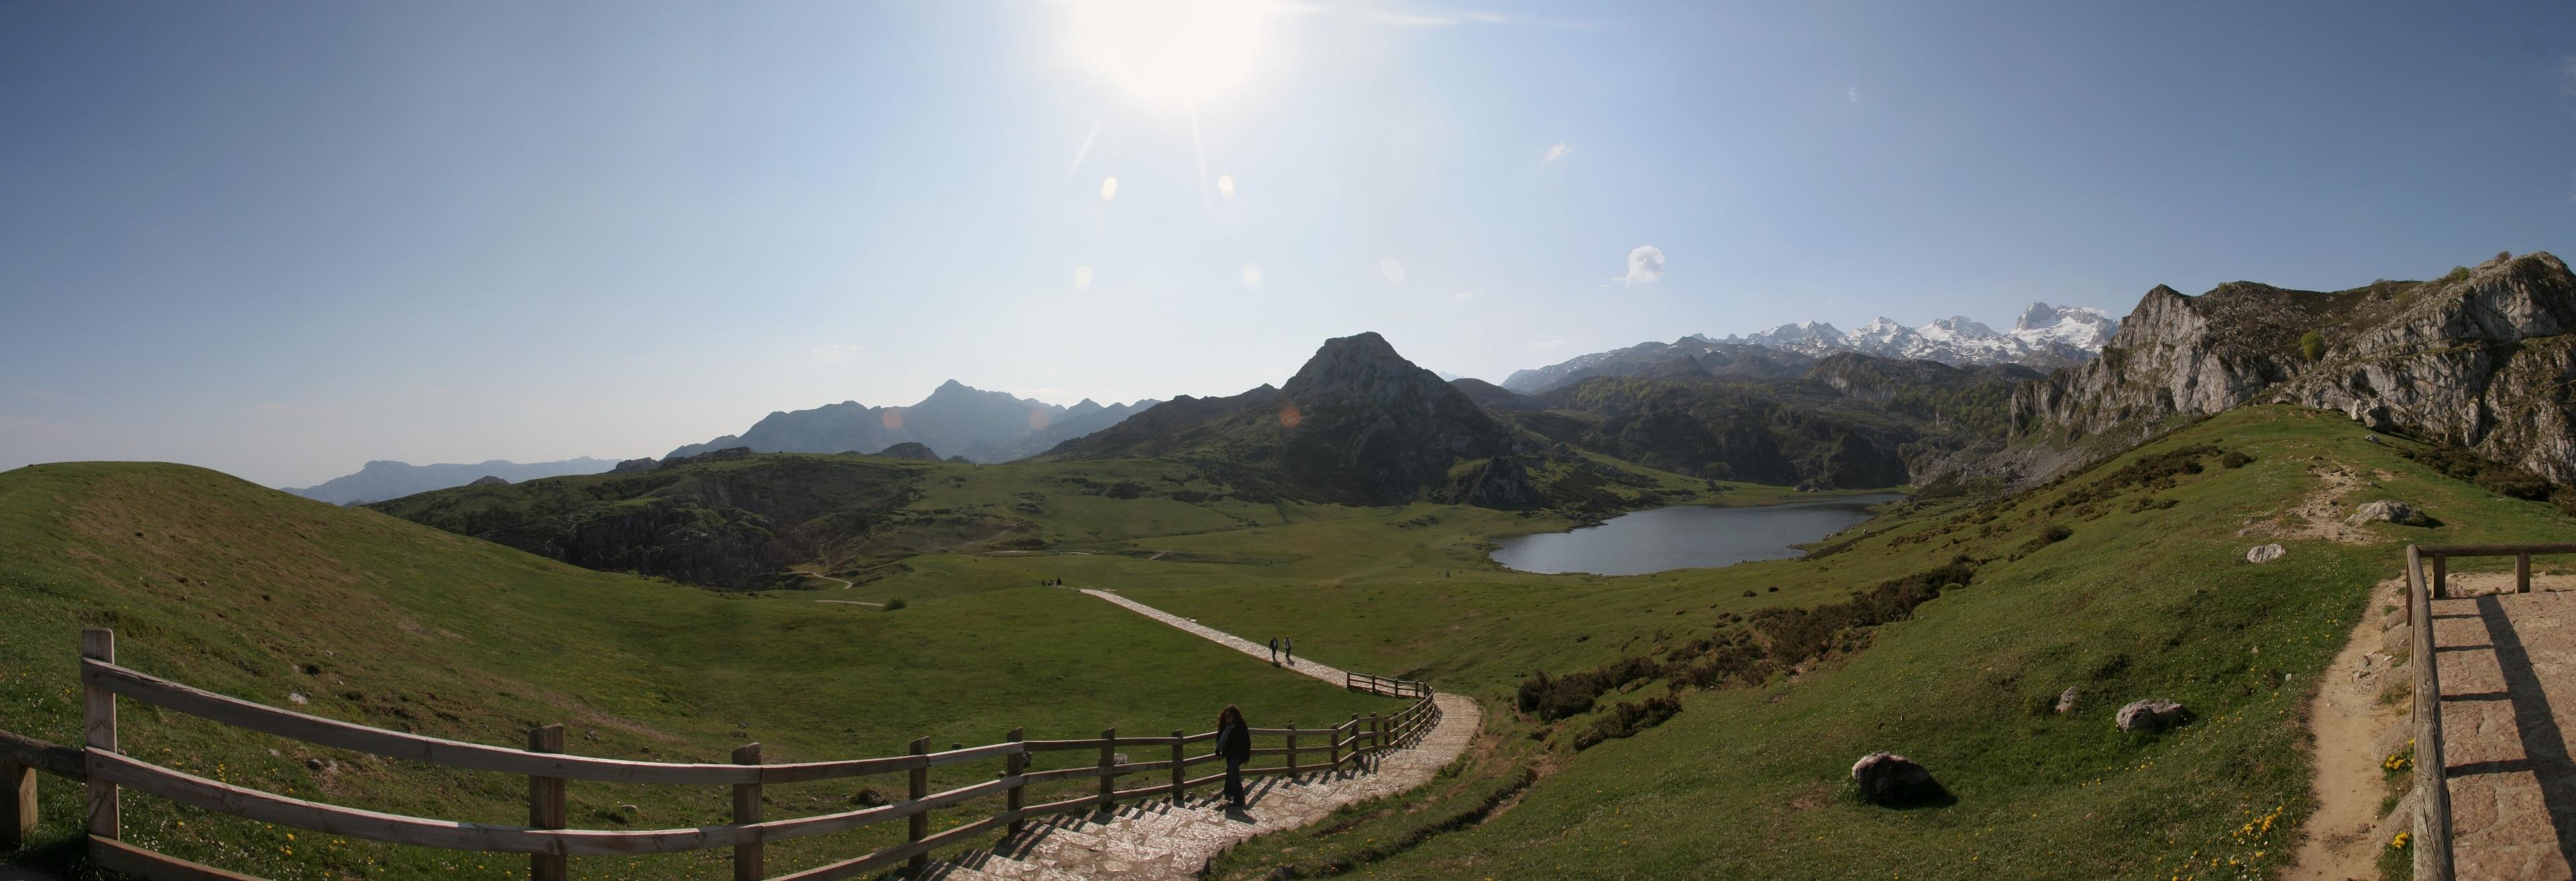 Cangas de Onís, Asturias, Spanien